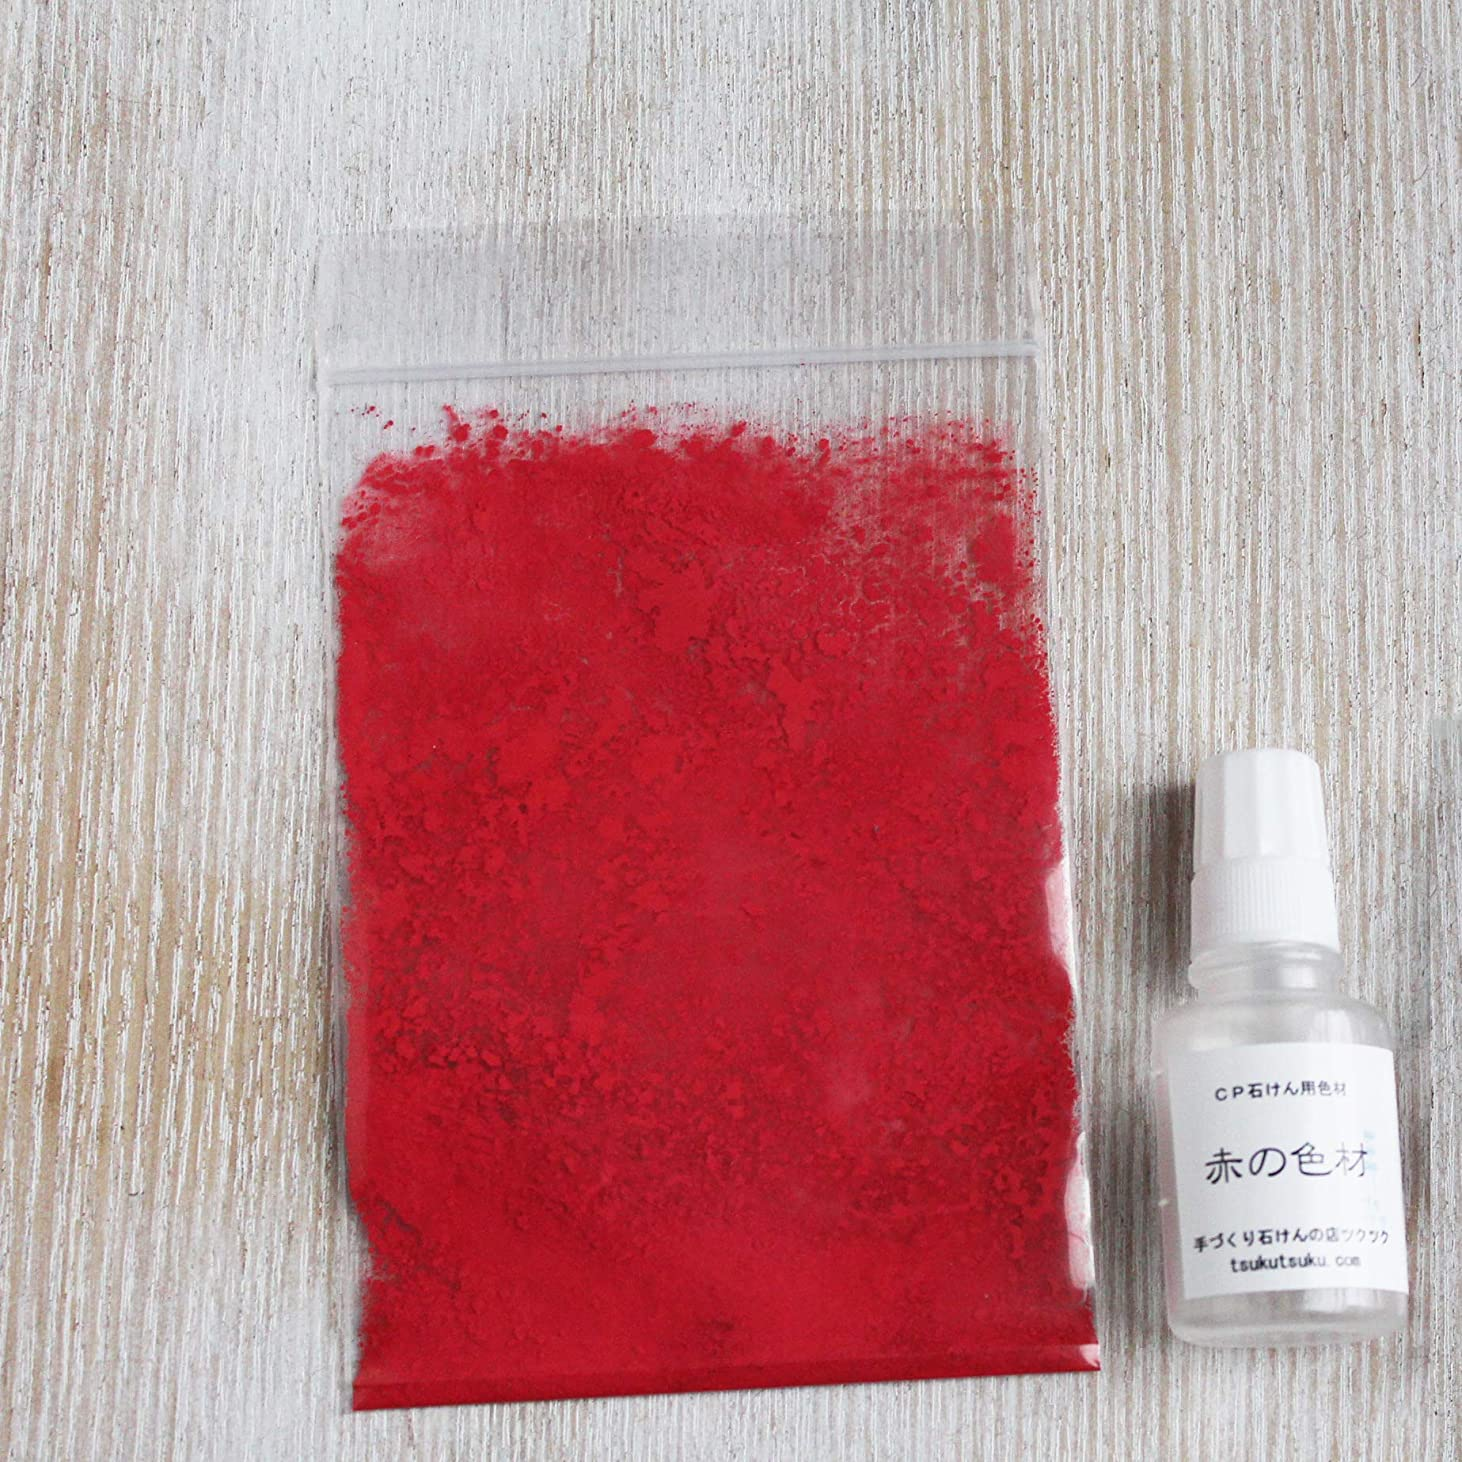 少年知覚的平和的CP石けん用色材 赤の色材キット/手作り石けん?手作り化粧品材料